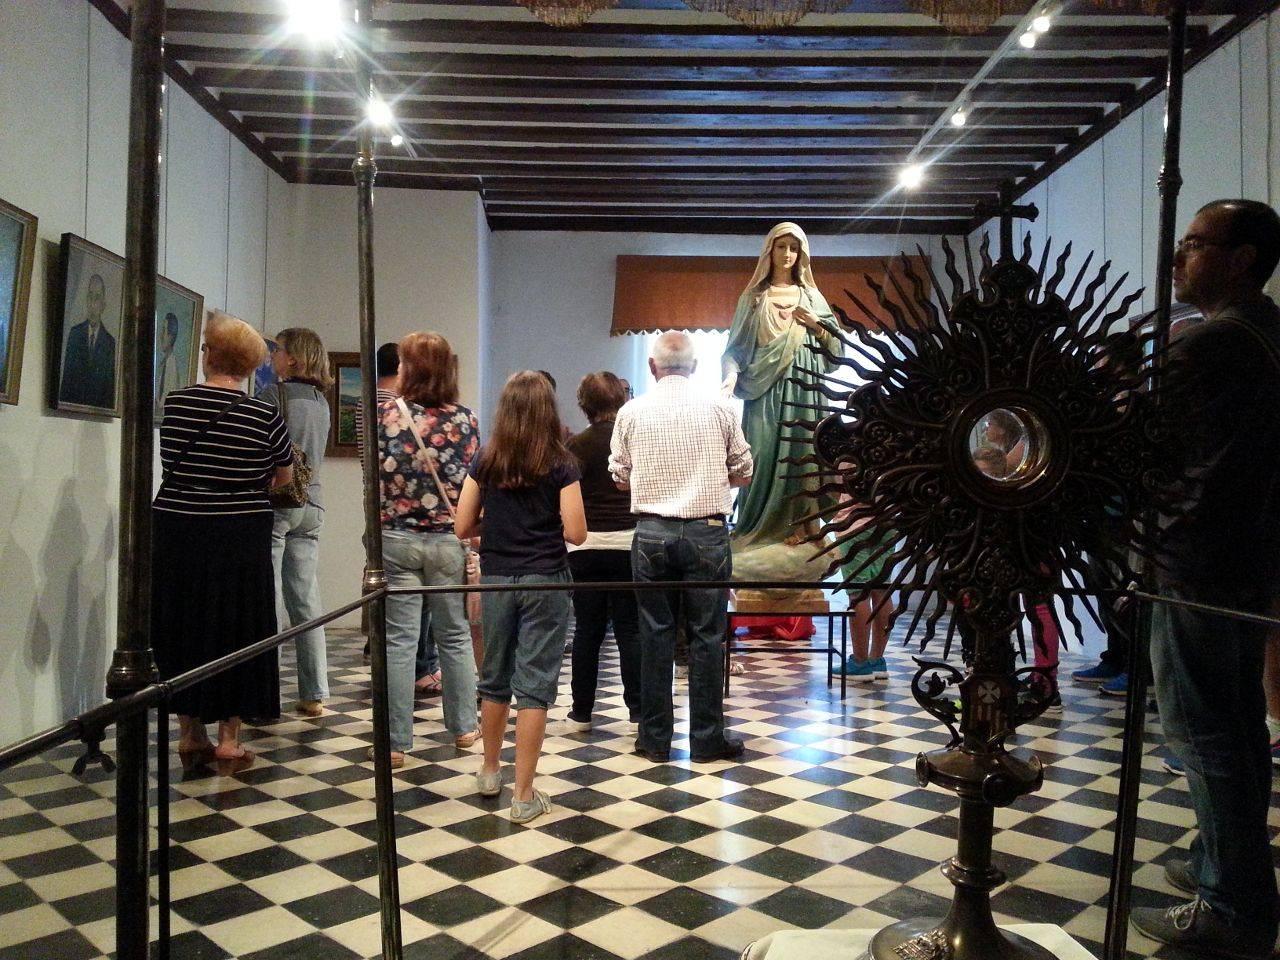 visita casa museo de la merced de herencia 16 05 2015 33 - Visita a la casa-museo de La Merced para conmemorar el Día Internacional de los Museos